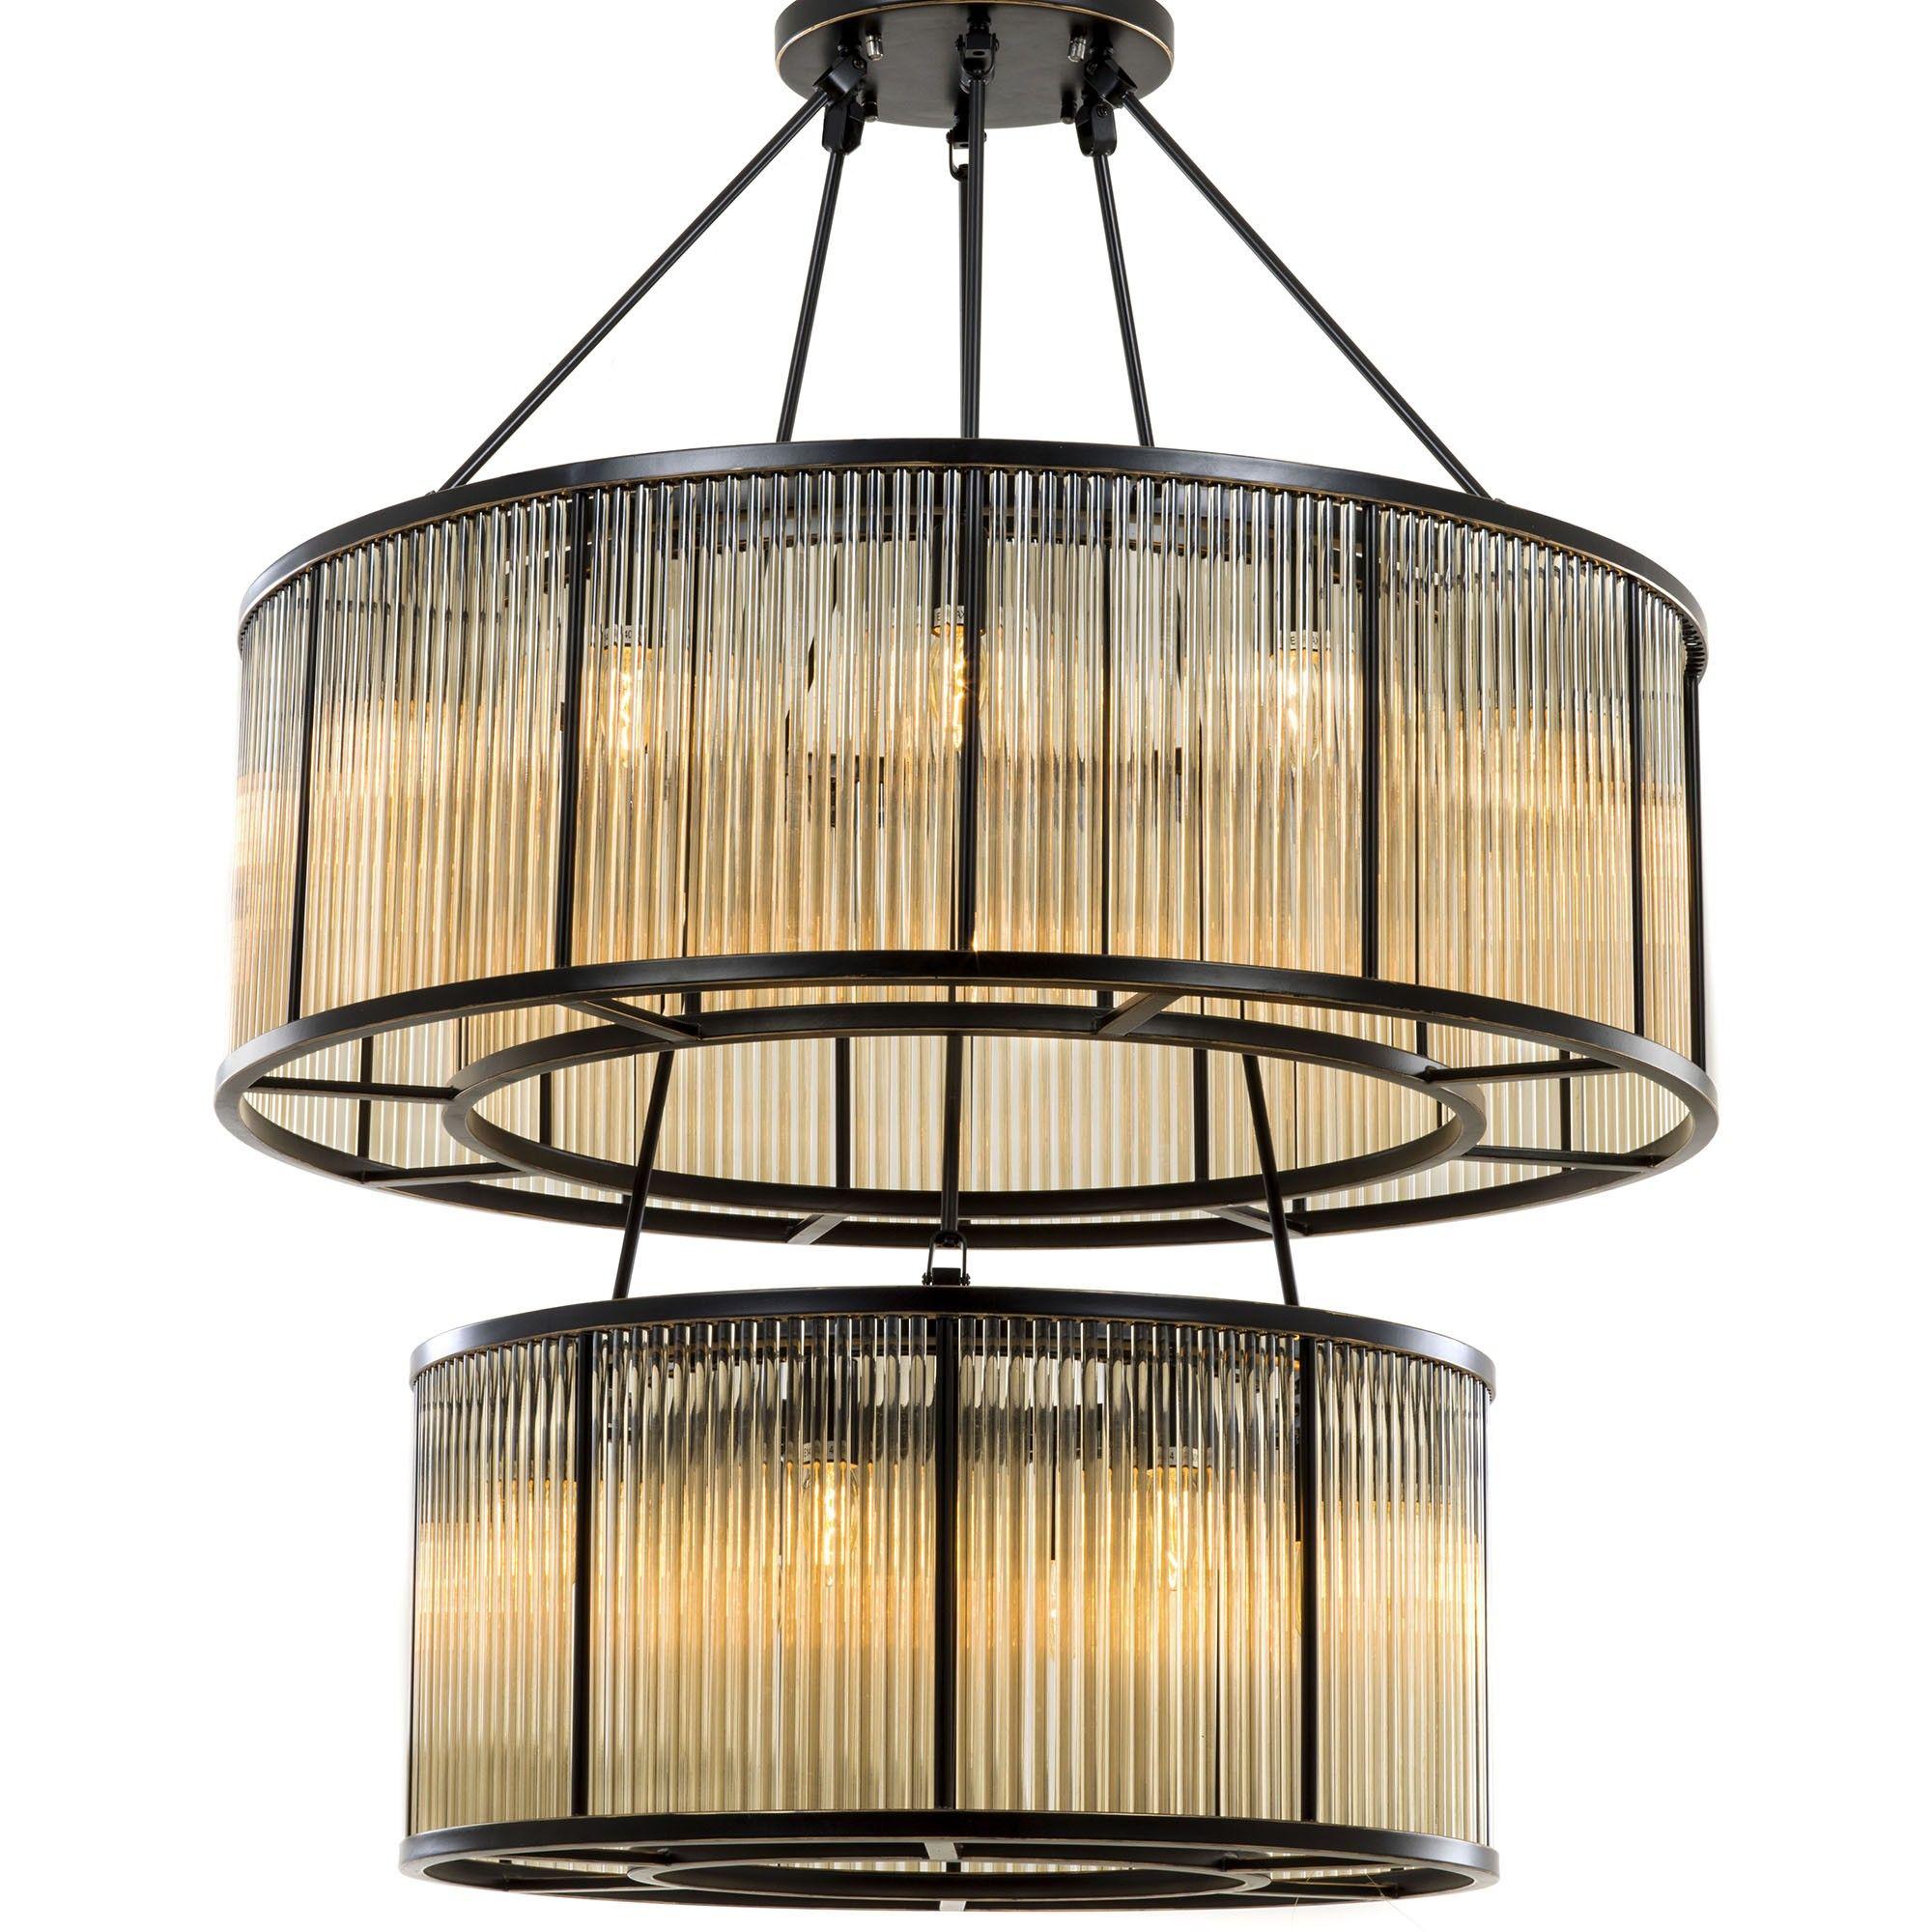 Eichholtz bernardi chandelier lighting pinterest chandeliers eichholtz bernardi chandelier arubaitofo Gallery